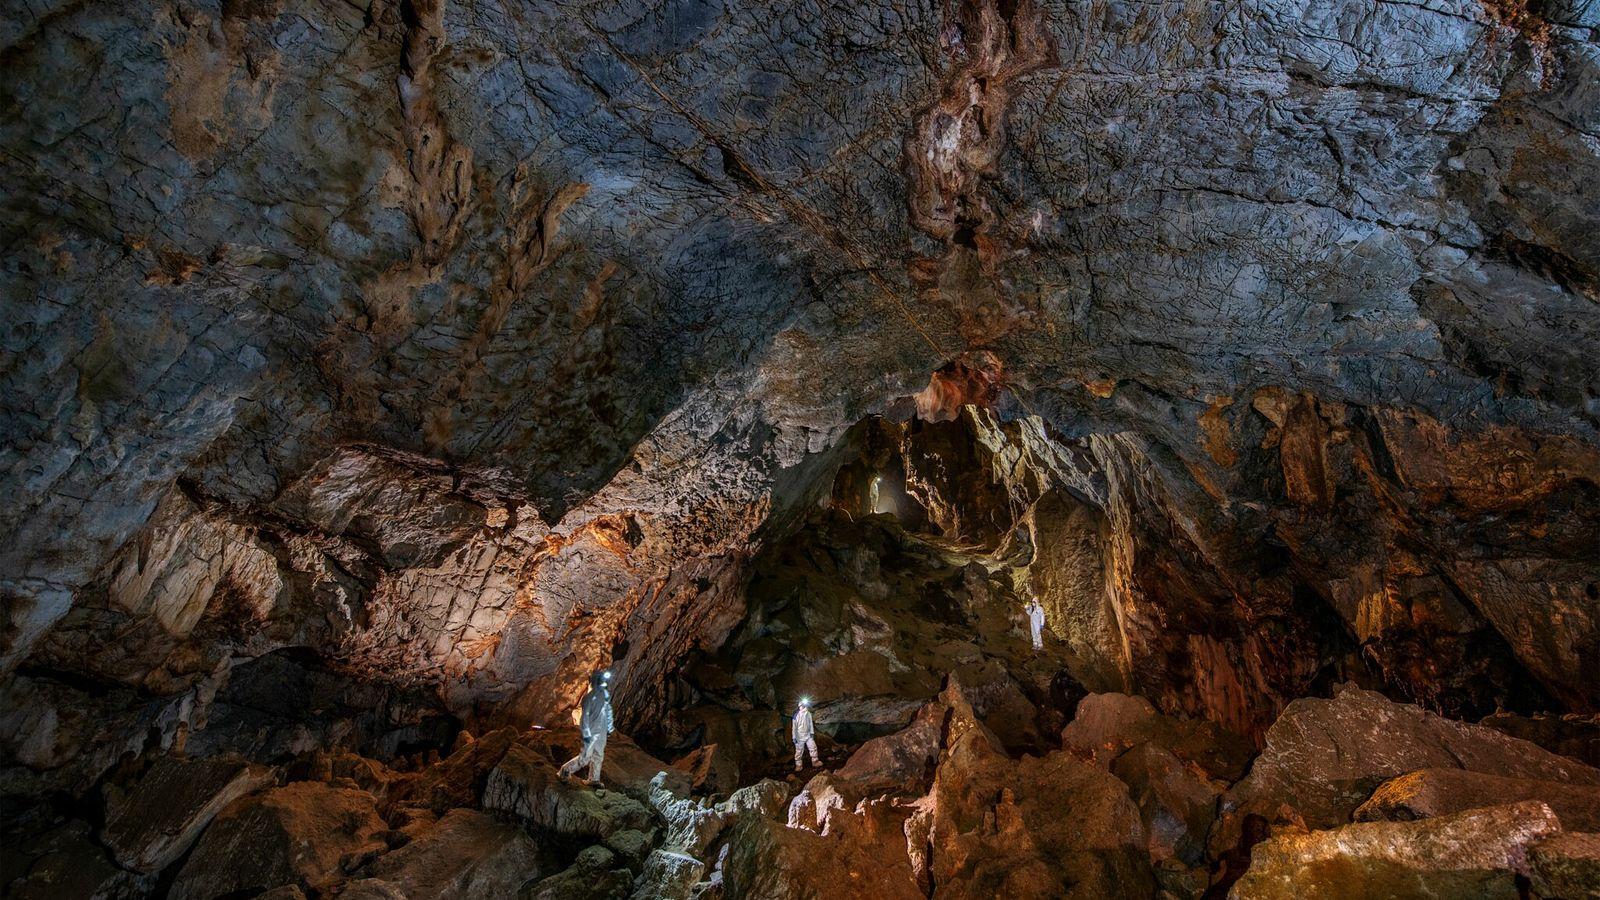 Cueva de Chiquihuite